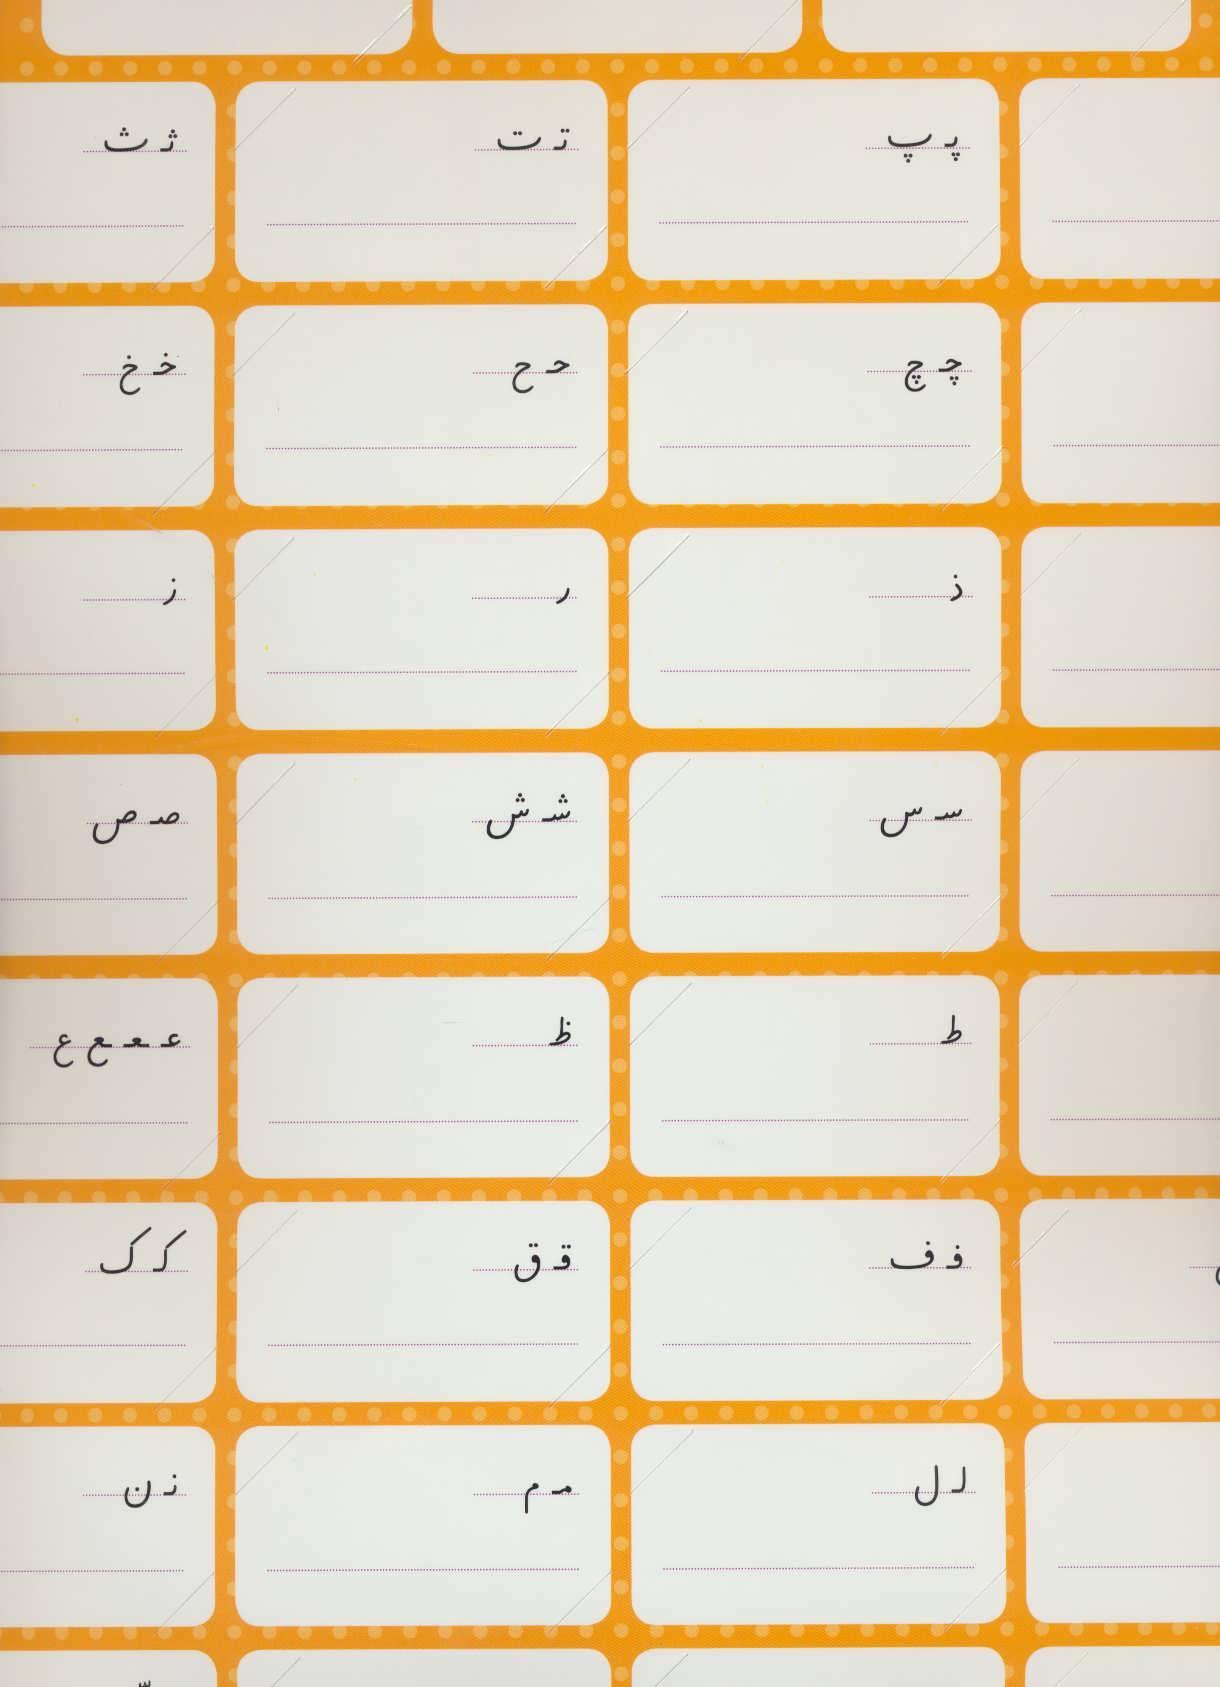 جدول شکل صداها و حروف الفبای فارسی (گلاسه)